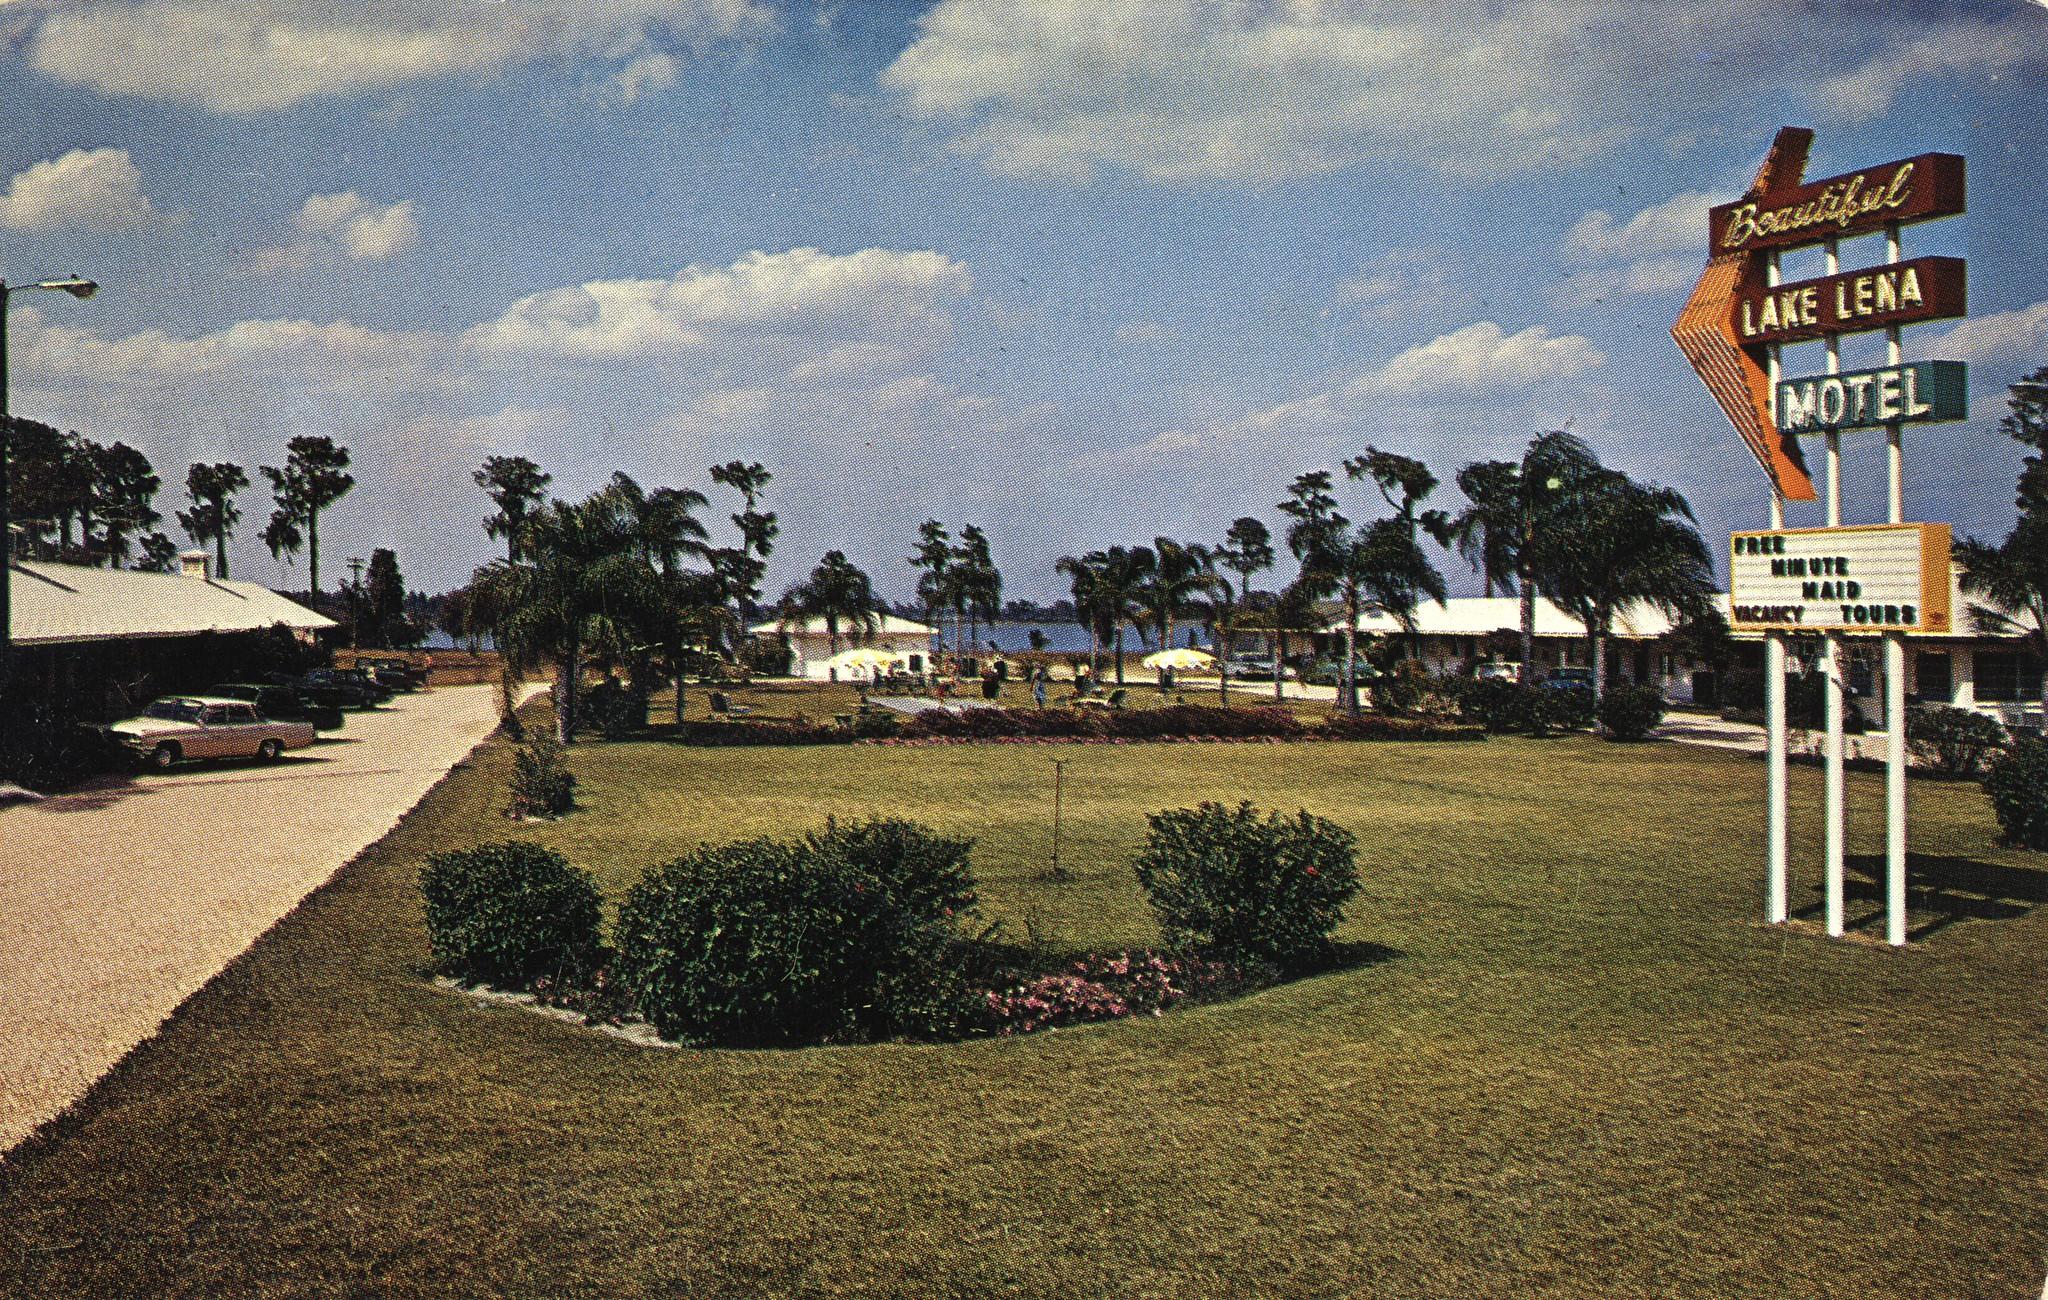 Lake Lena Motel - Auburndale, Florida